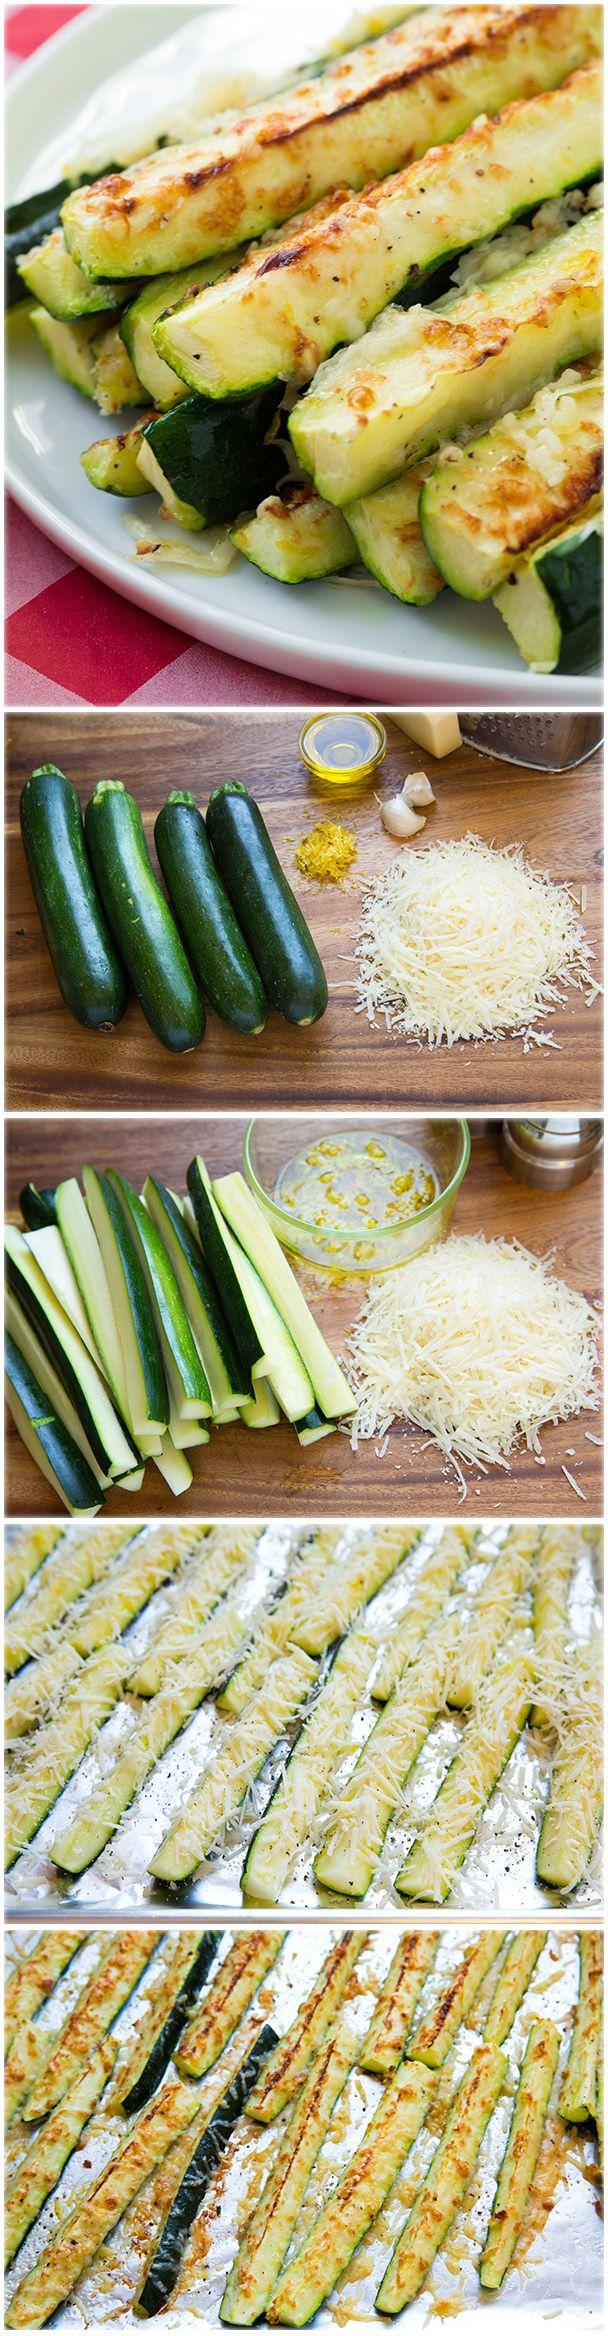 8 id es cuisine hyper faciles astuces de filles page 6 for Astuce cuisine facile